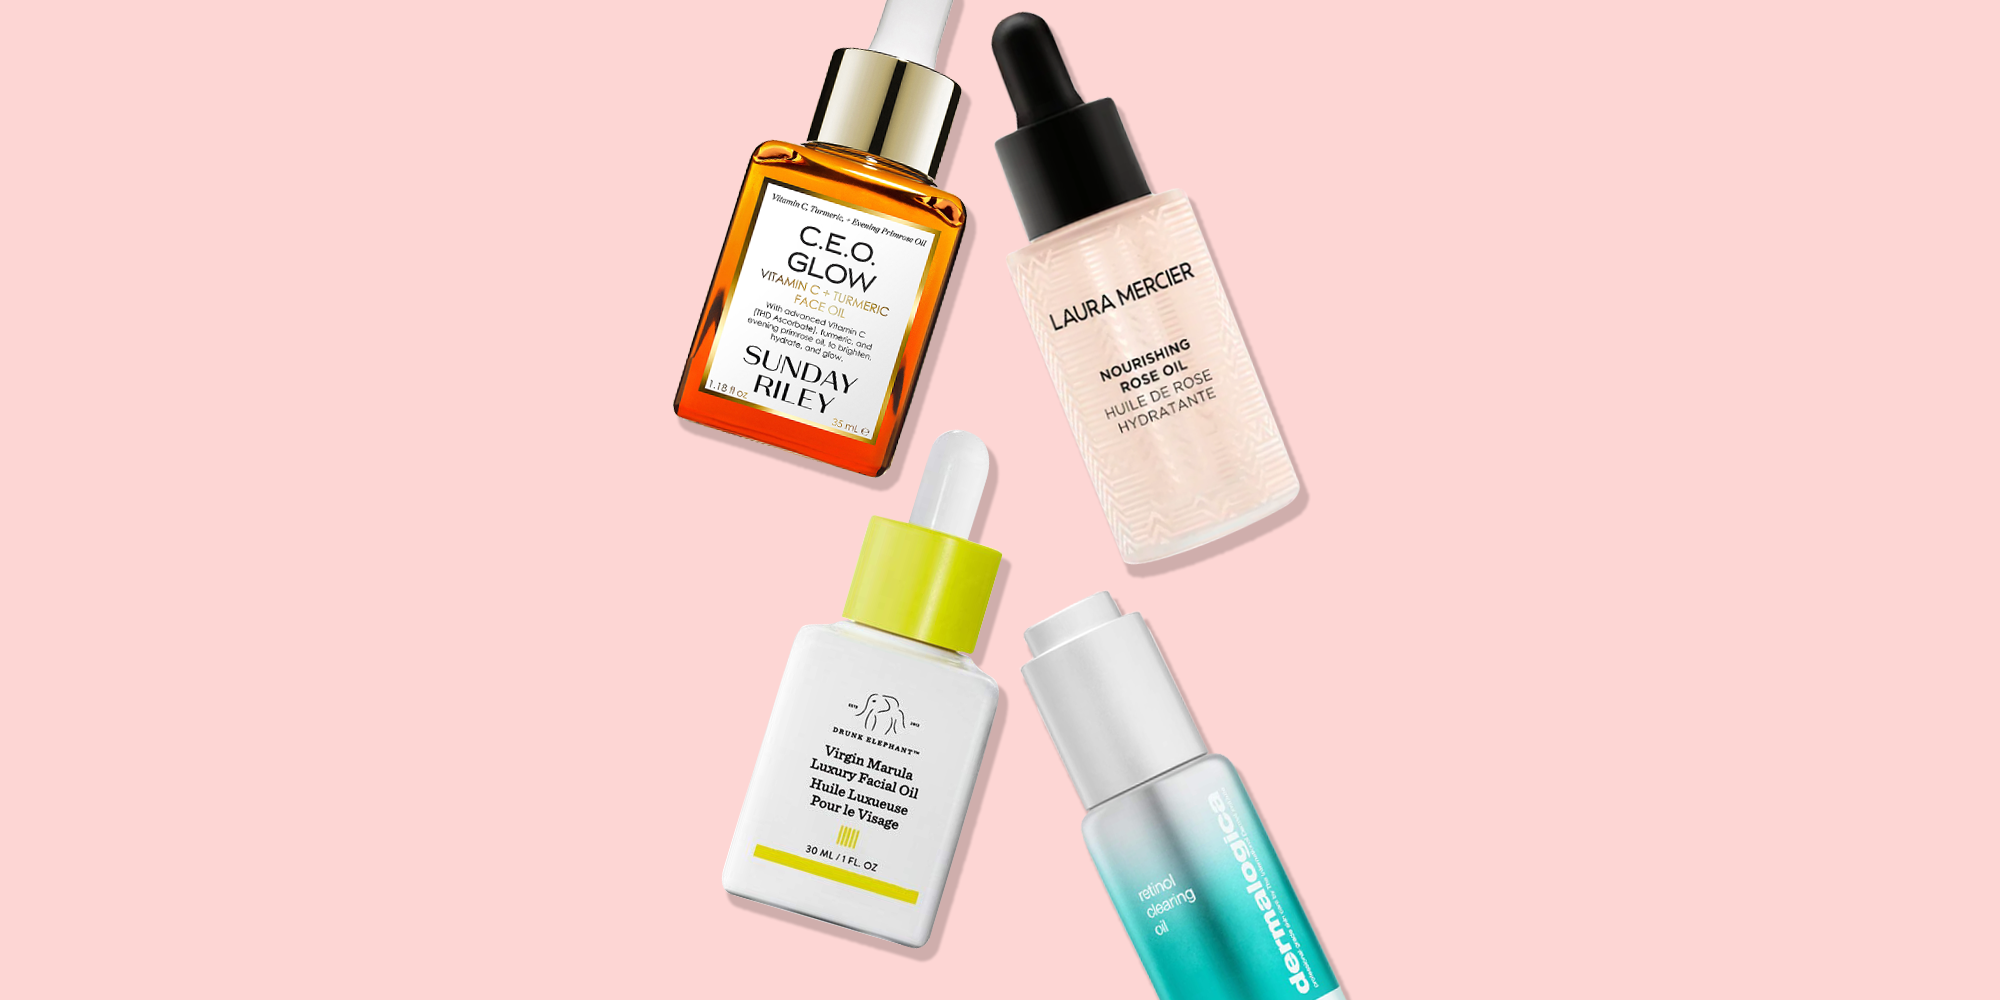 Το μυστικό για make up glow επιδερμίδα σε μόλις 5 λεπτά